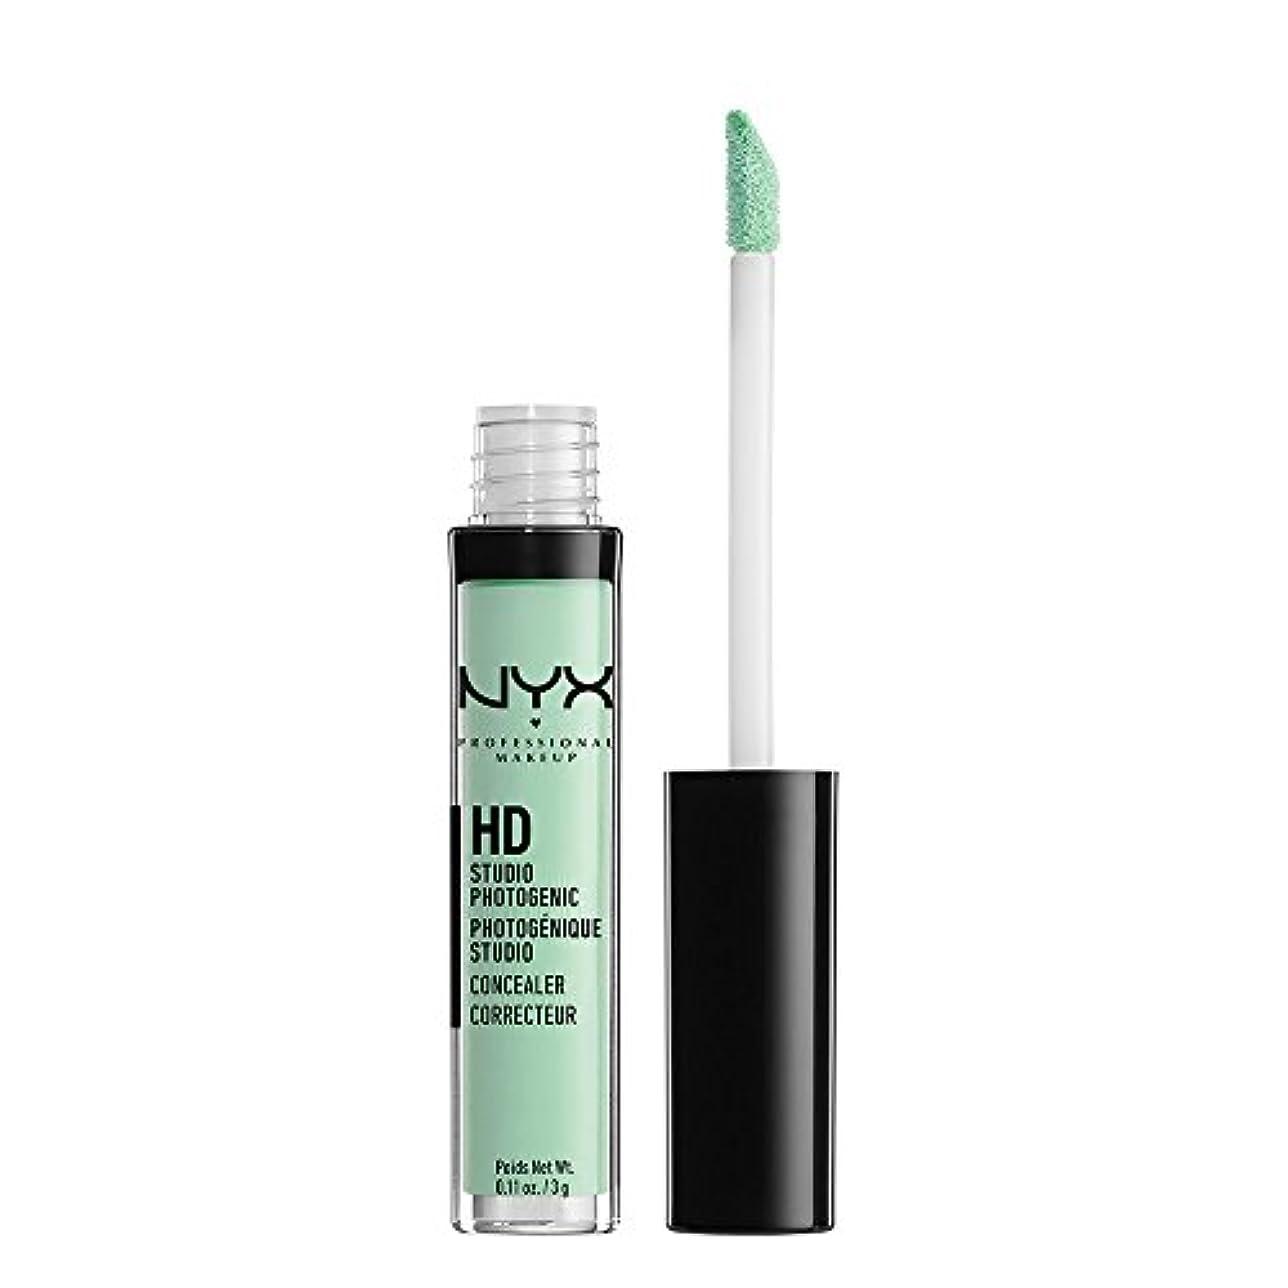 少年助けになる実験的NYX(ニックス) コンシーラー ワンド 12 カラーグリーン